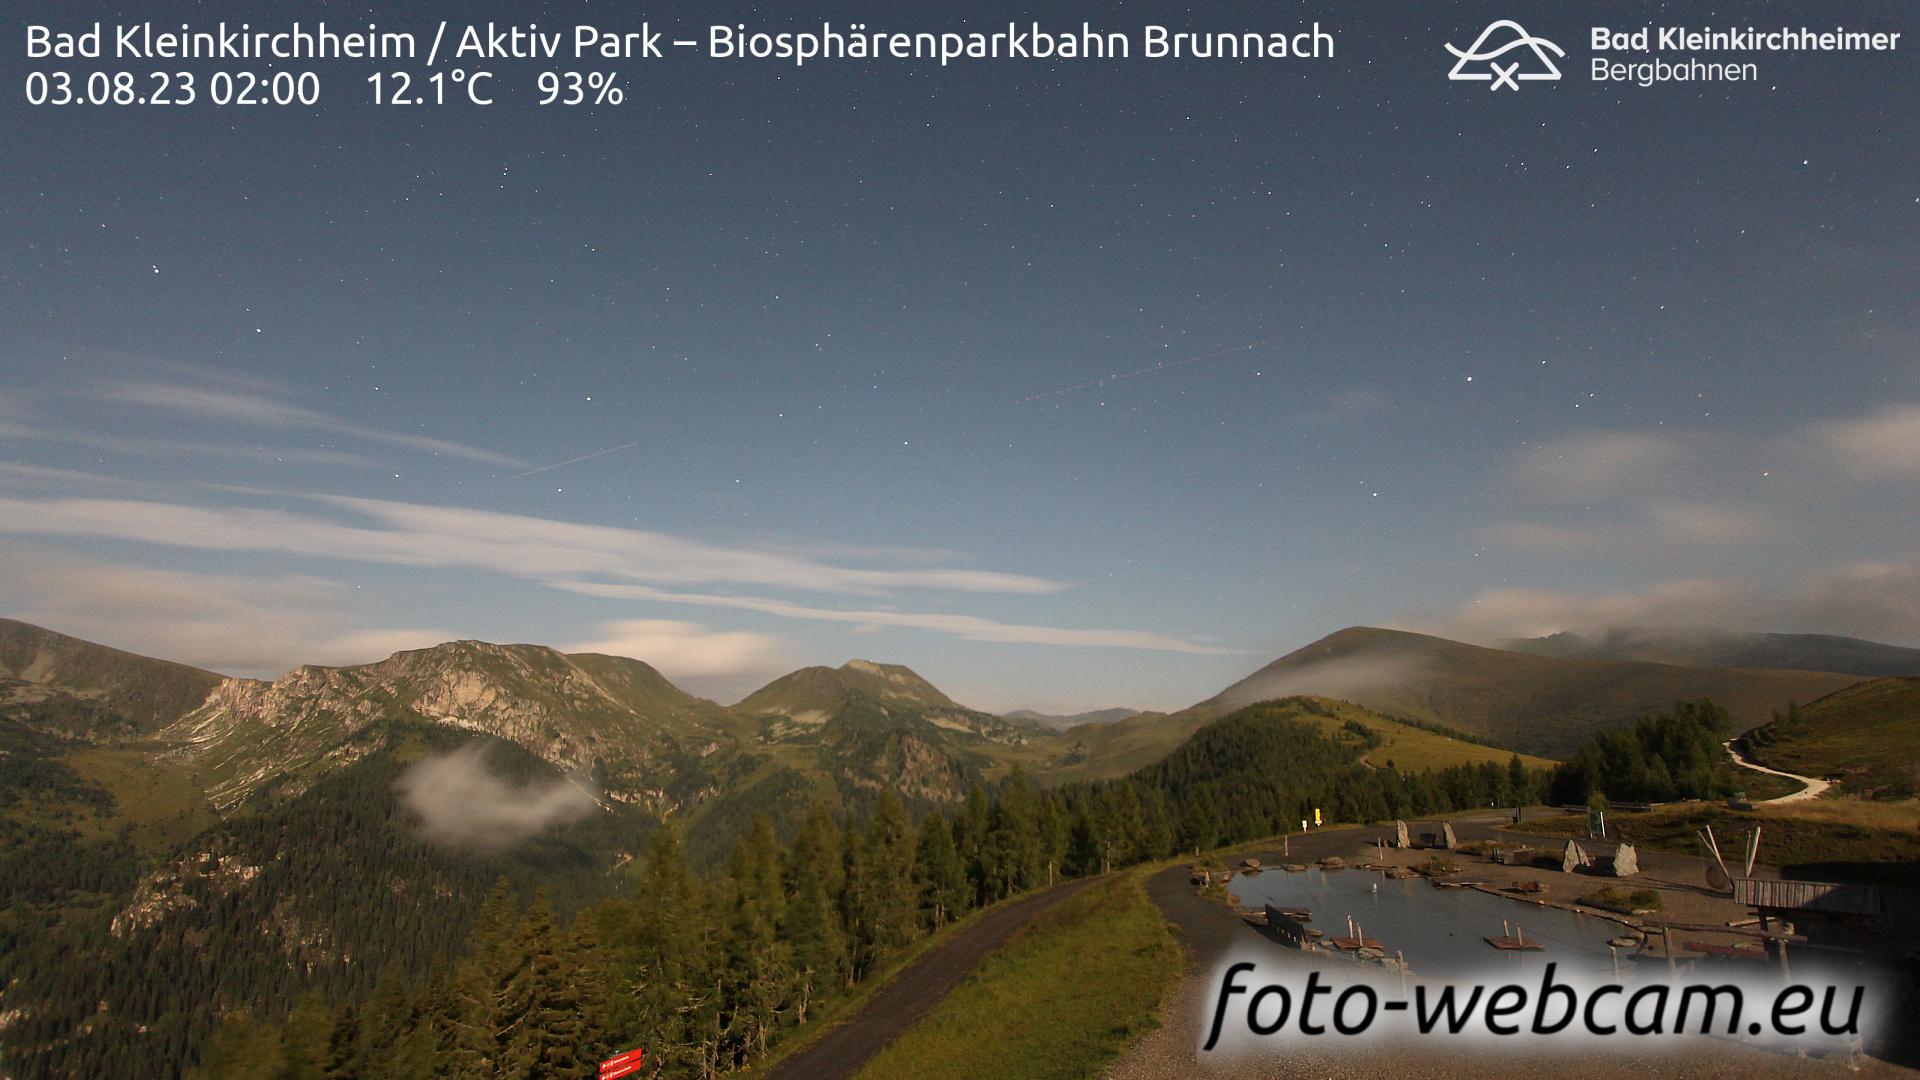 Bad Kleinkirchheim Sat. 02:30